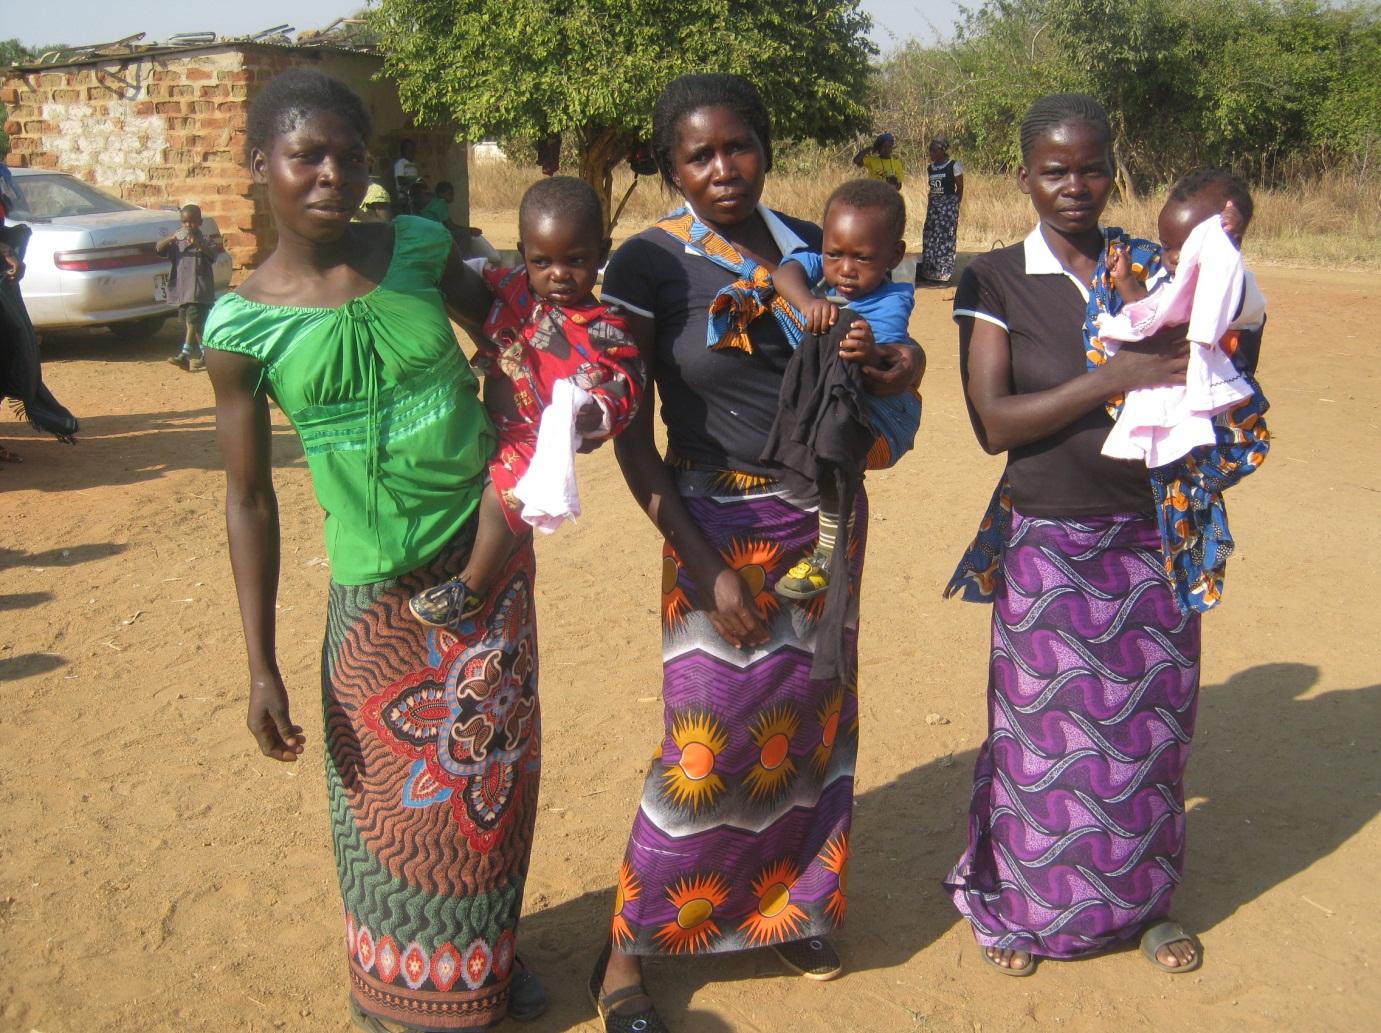 mwana hope zambia 2011 sixth distribution post 7 clothes